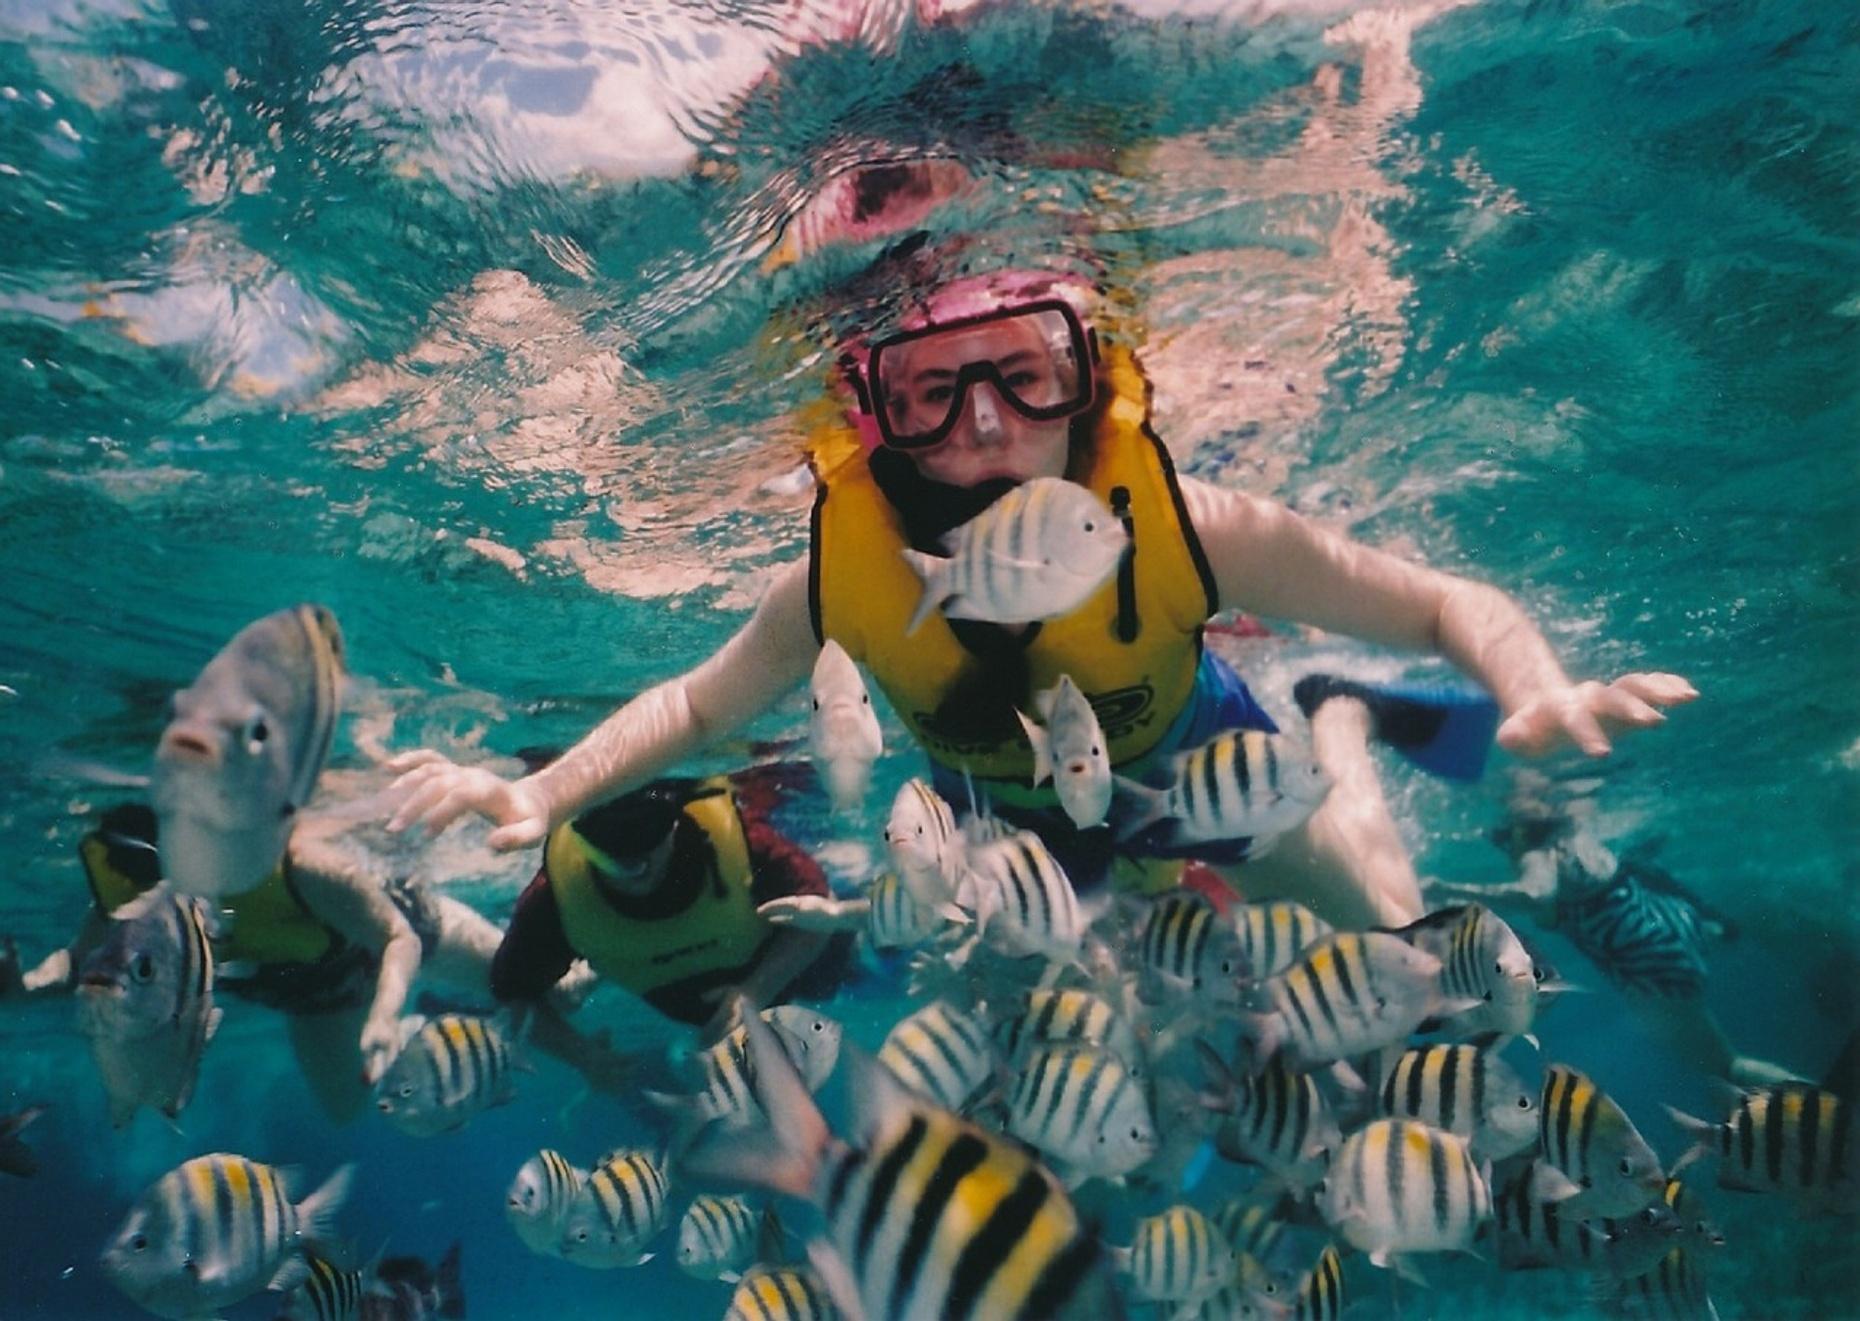 Bay of Banderas Snorkeling Adventure